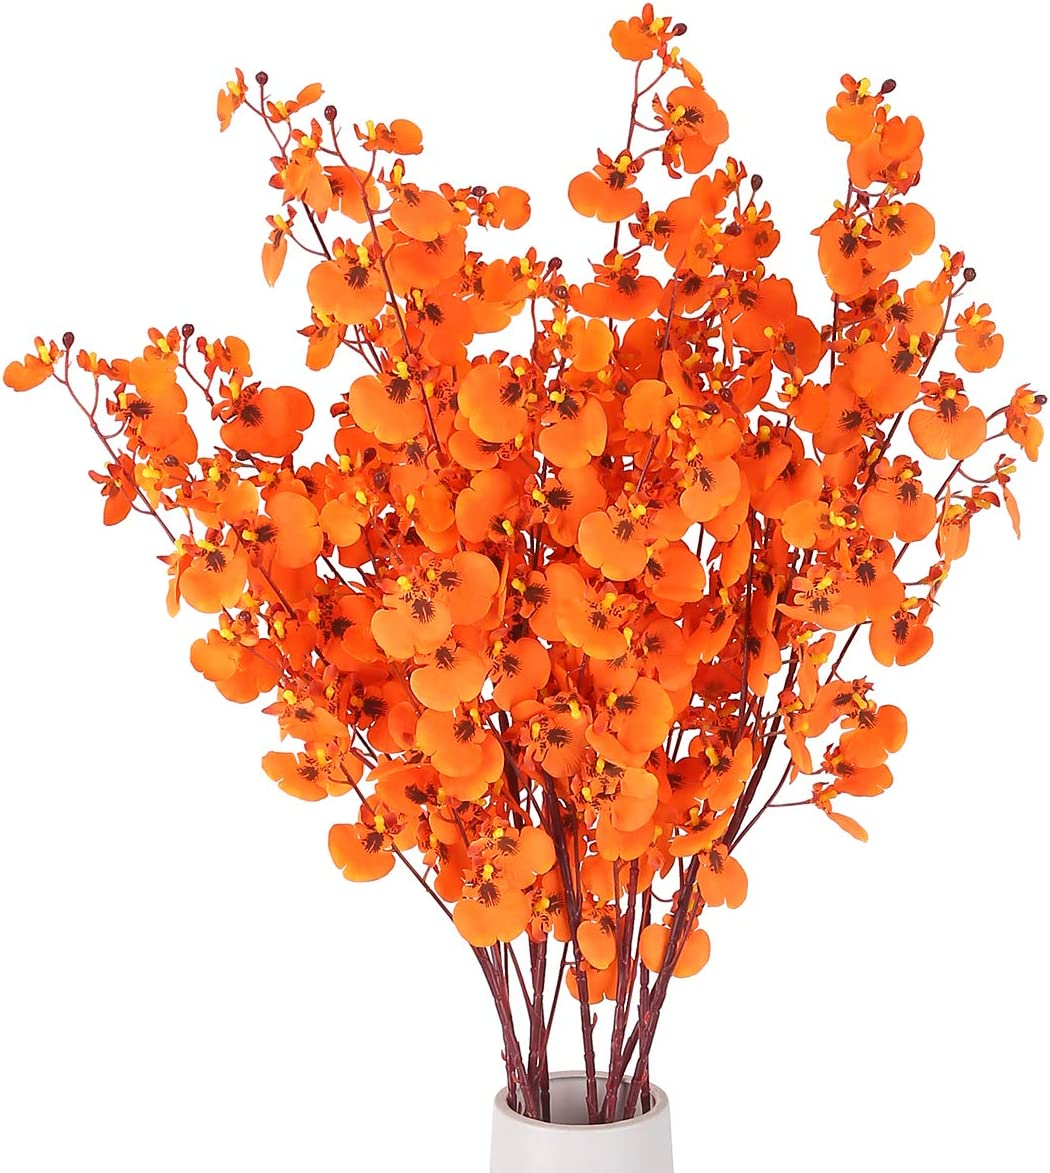 HANTAJANSS Artificial Orchids Flowers, 8 Pcs Orchids Silk Fake Flowers in Bulk Flowers Artificial for Indoor Outdoor Wedding Home Office Decoration (Orange)